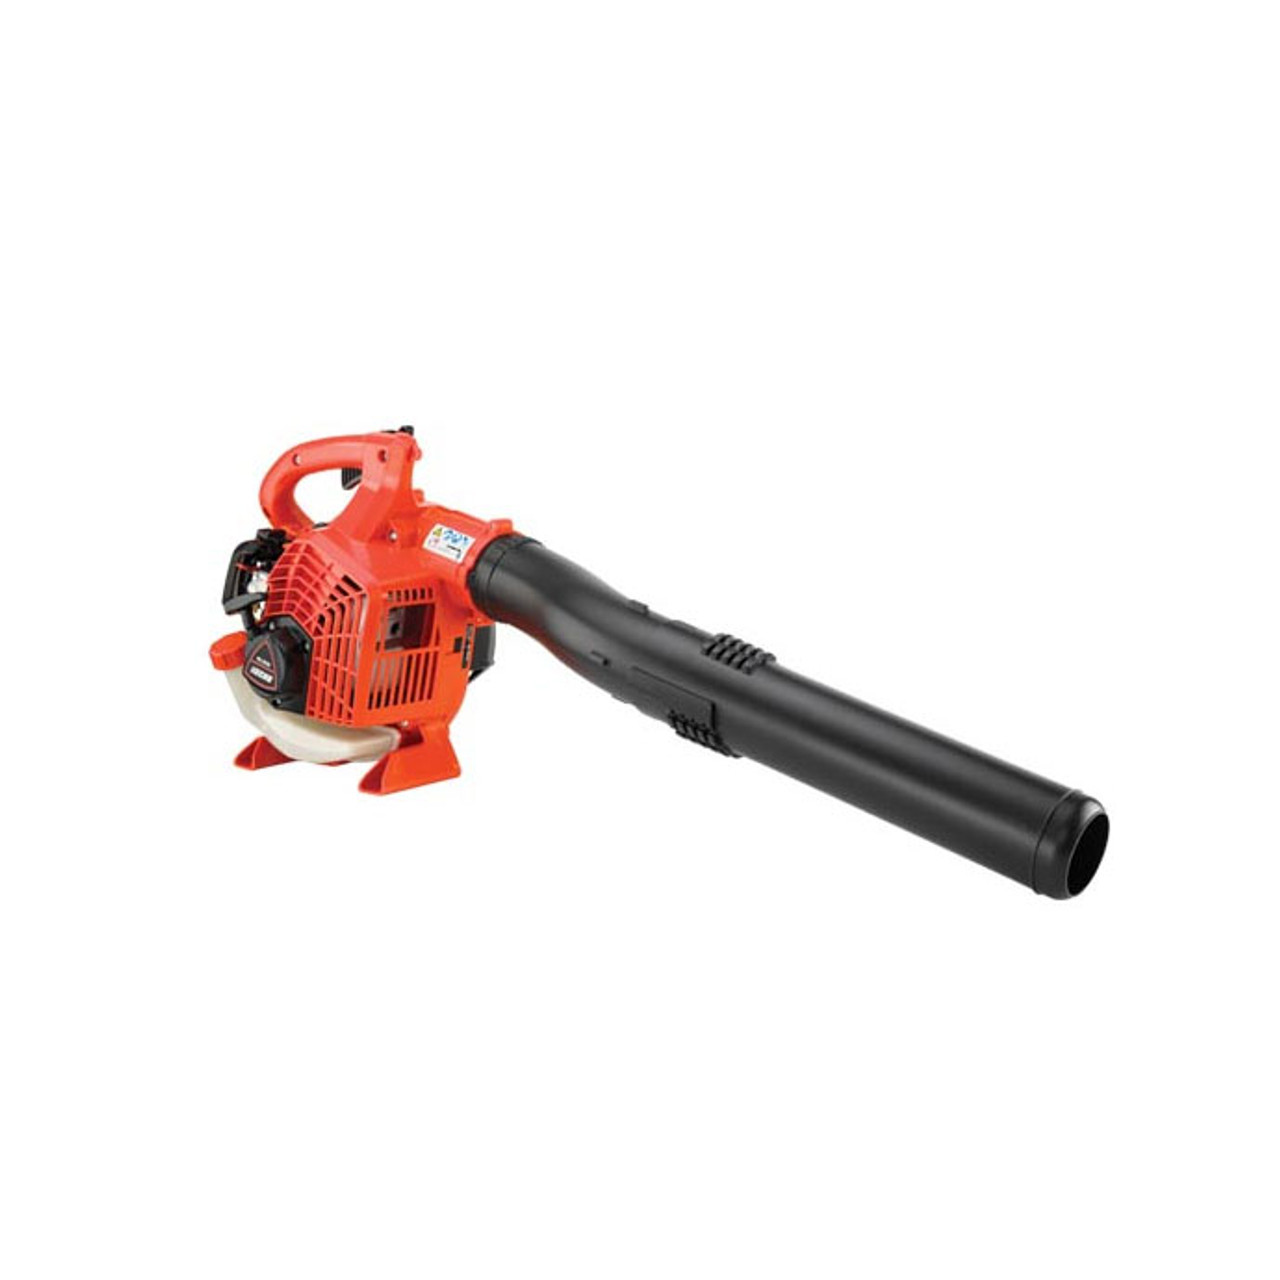 Echo leaf blower PB-2520